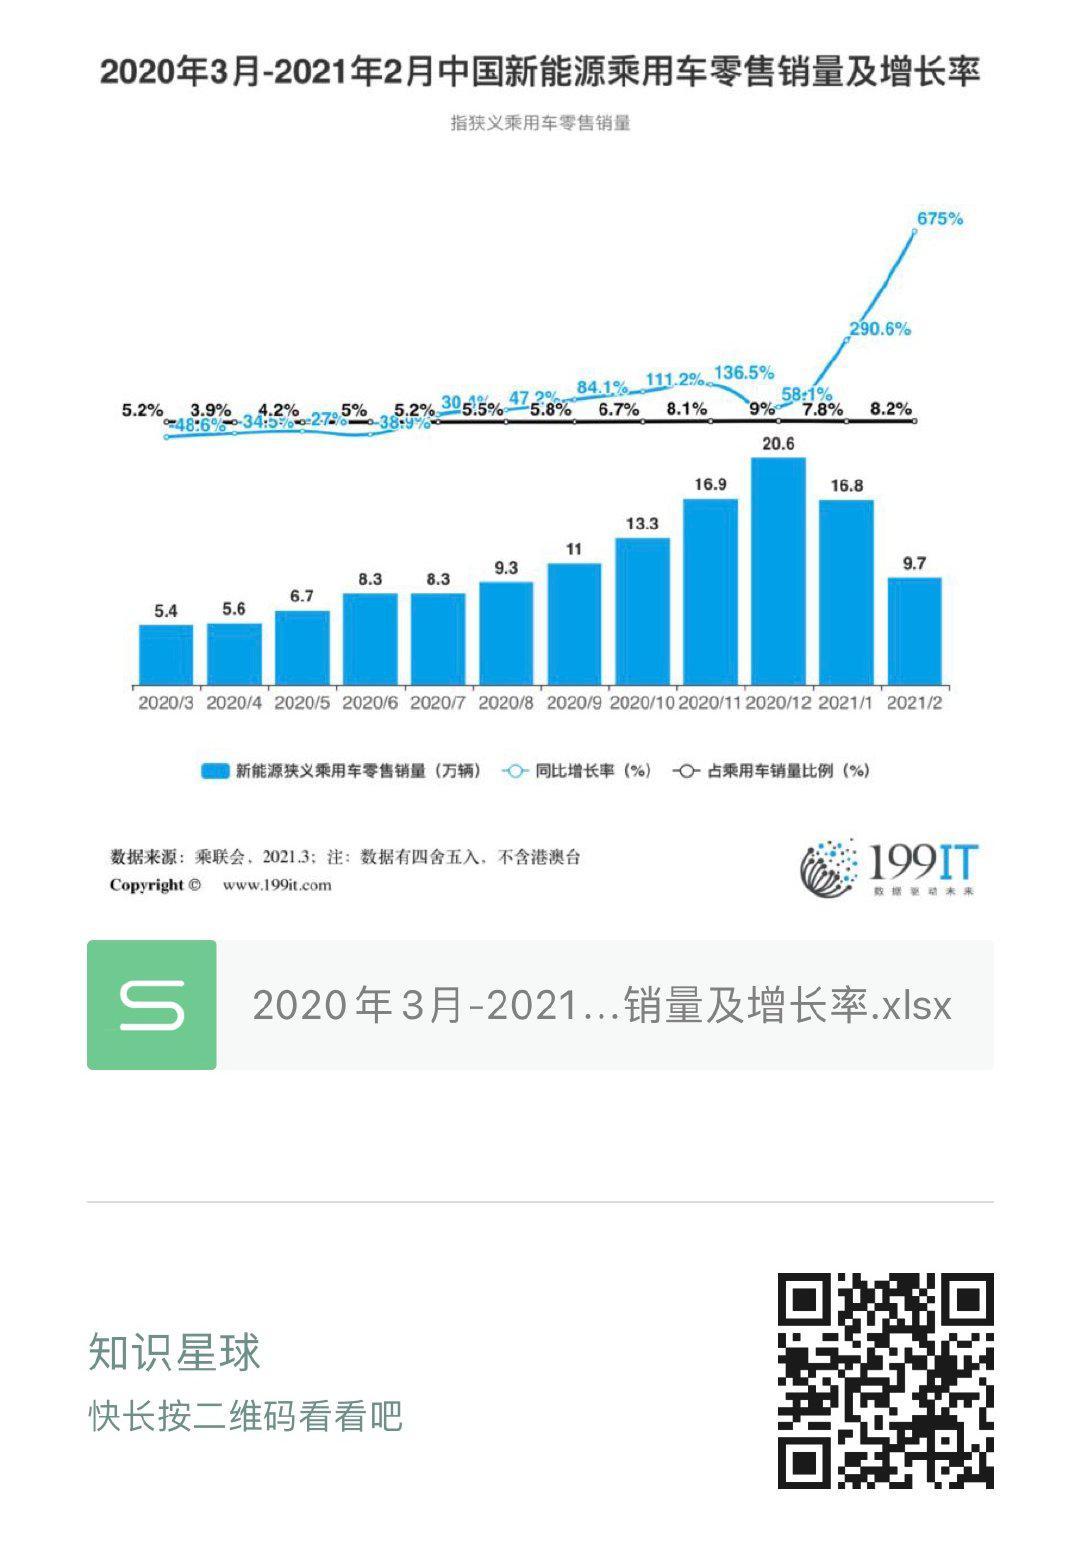 2020年3月-2021年2月中國新能源乘用車零售銷量及增長率(附原資料表) 